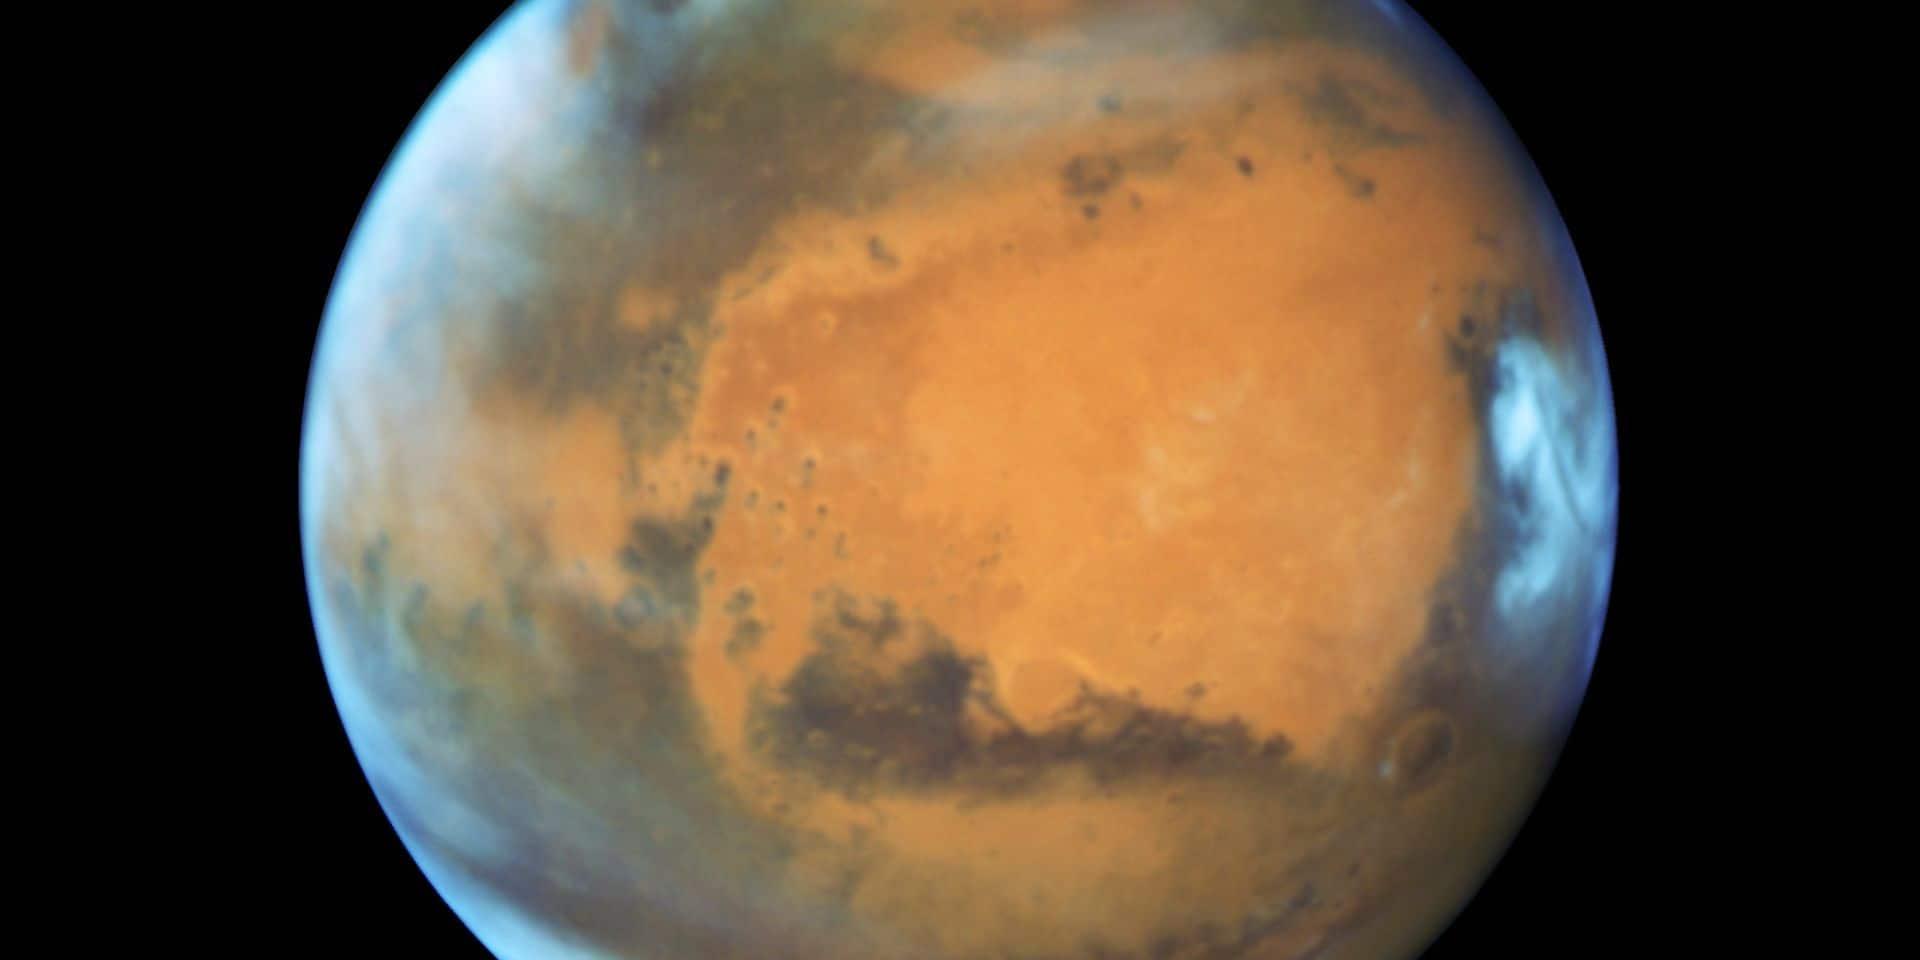 Une lueur verte détectée sur Mars par l'instrument belge de mesure NOMAD